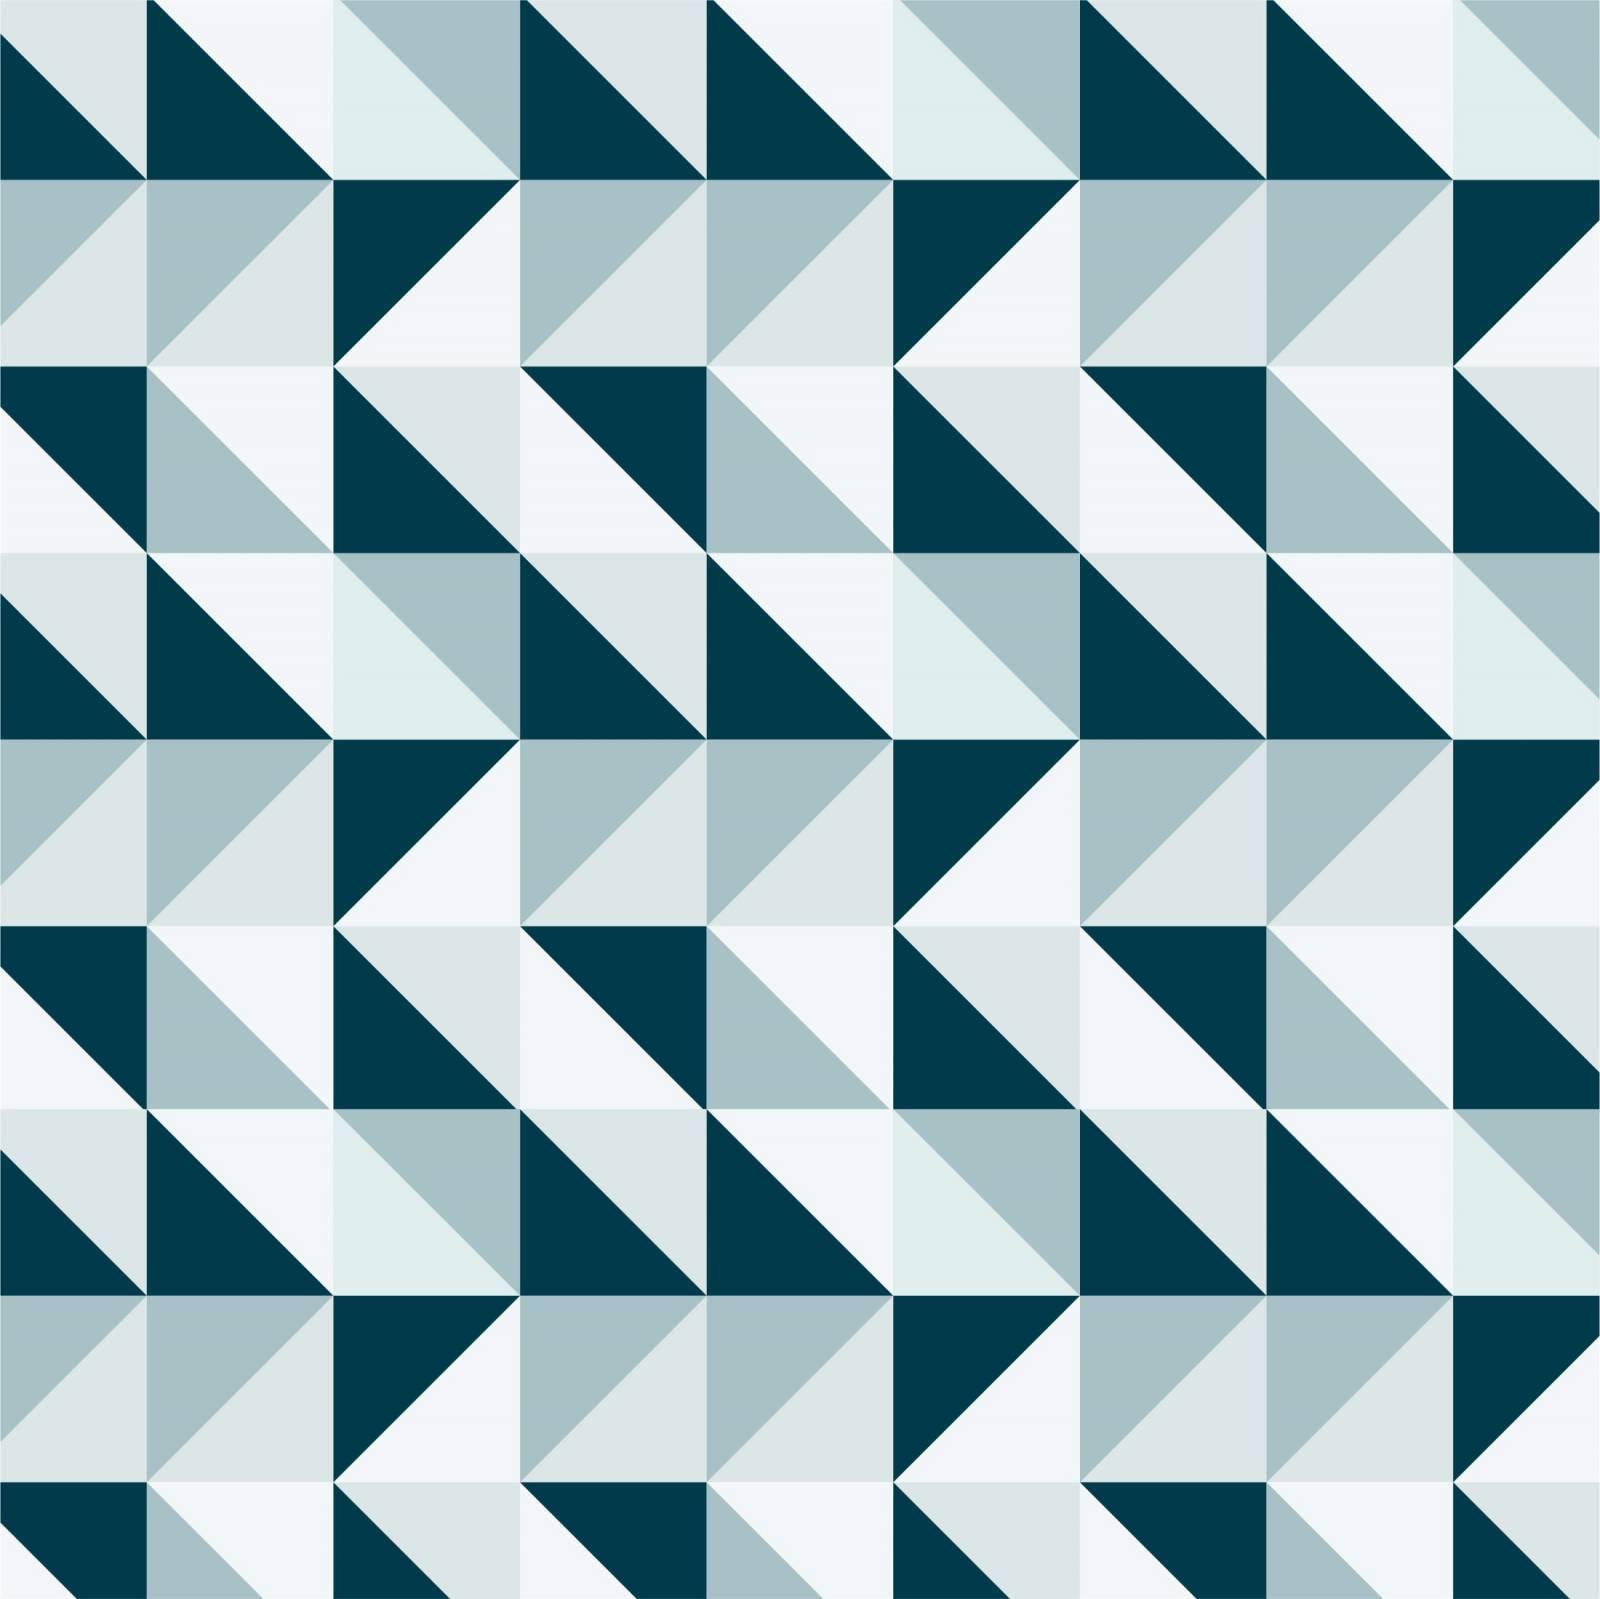 Papel de Parede Triangulo Azul | Adesivo Vinilico imagem 1